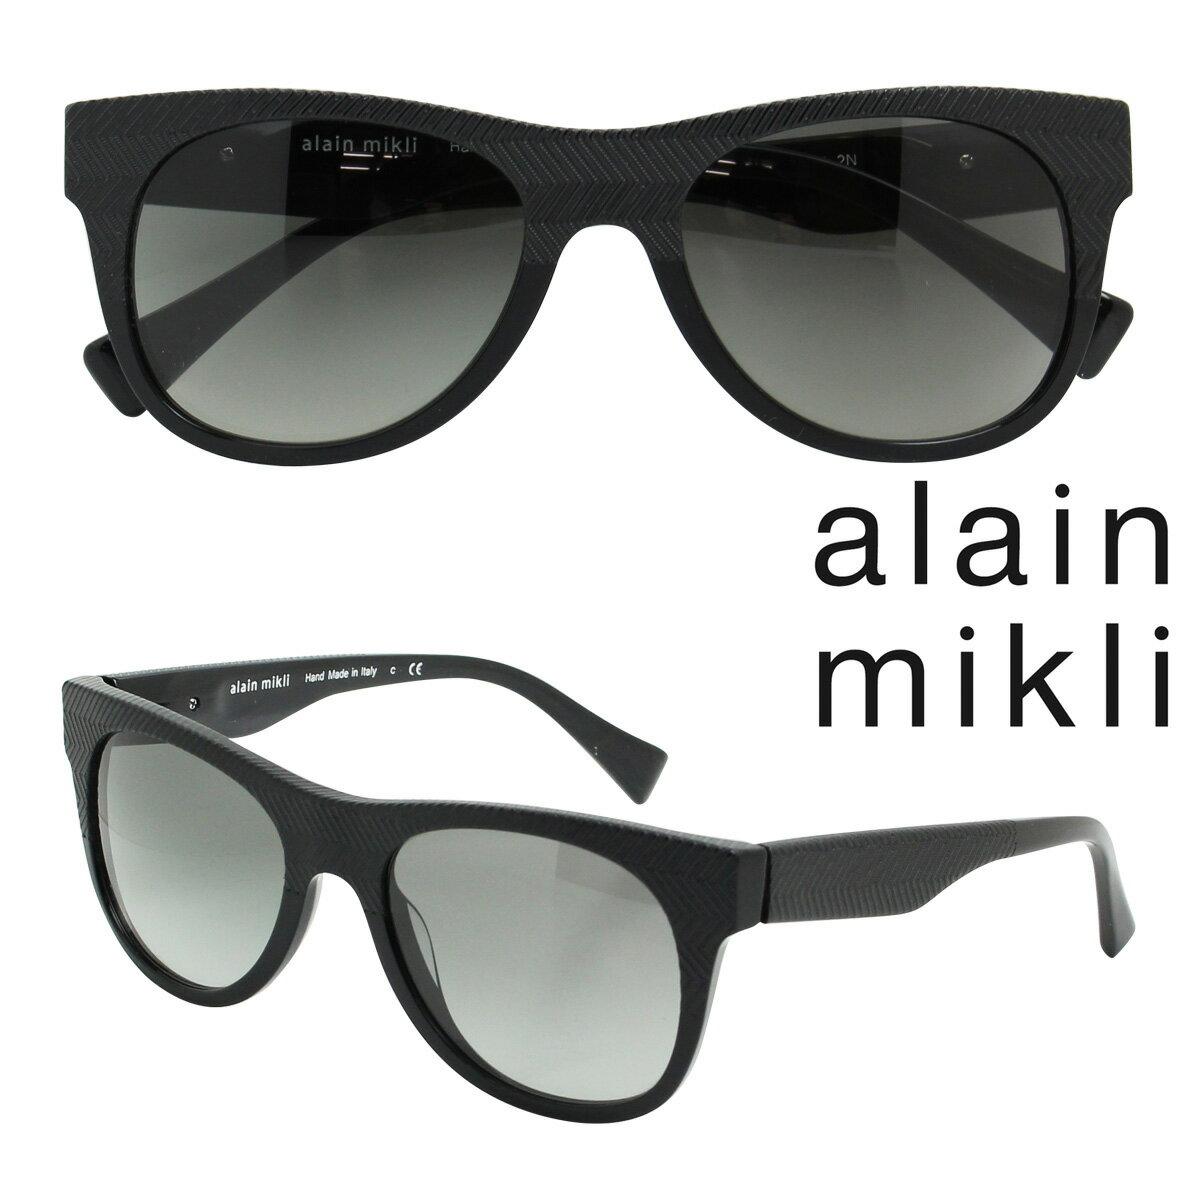 alain mikli アランミクリ サングラス メガネ 眼鏡 イタリア製 メンズ レディース 【返品不可】